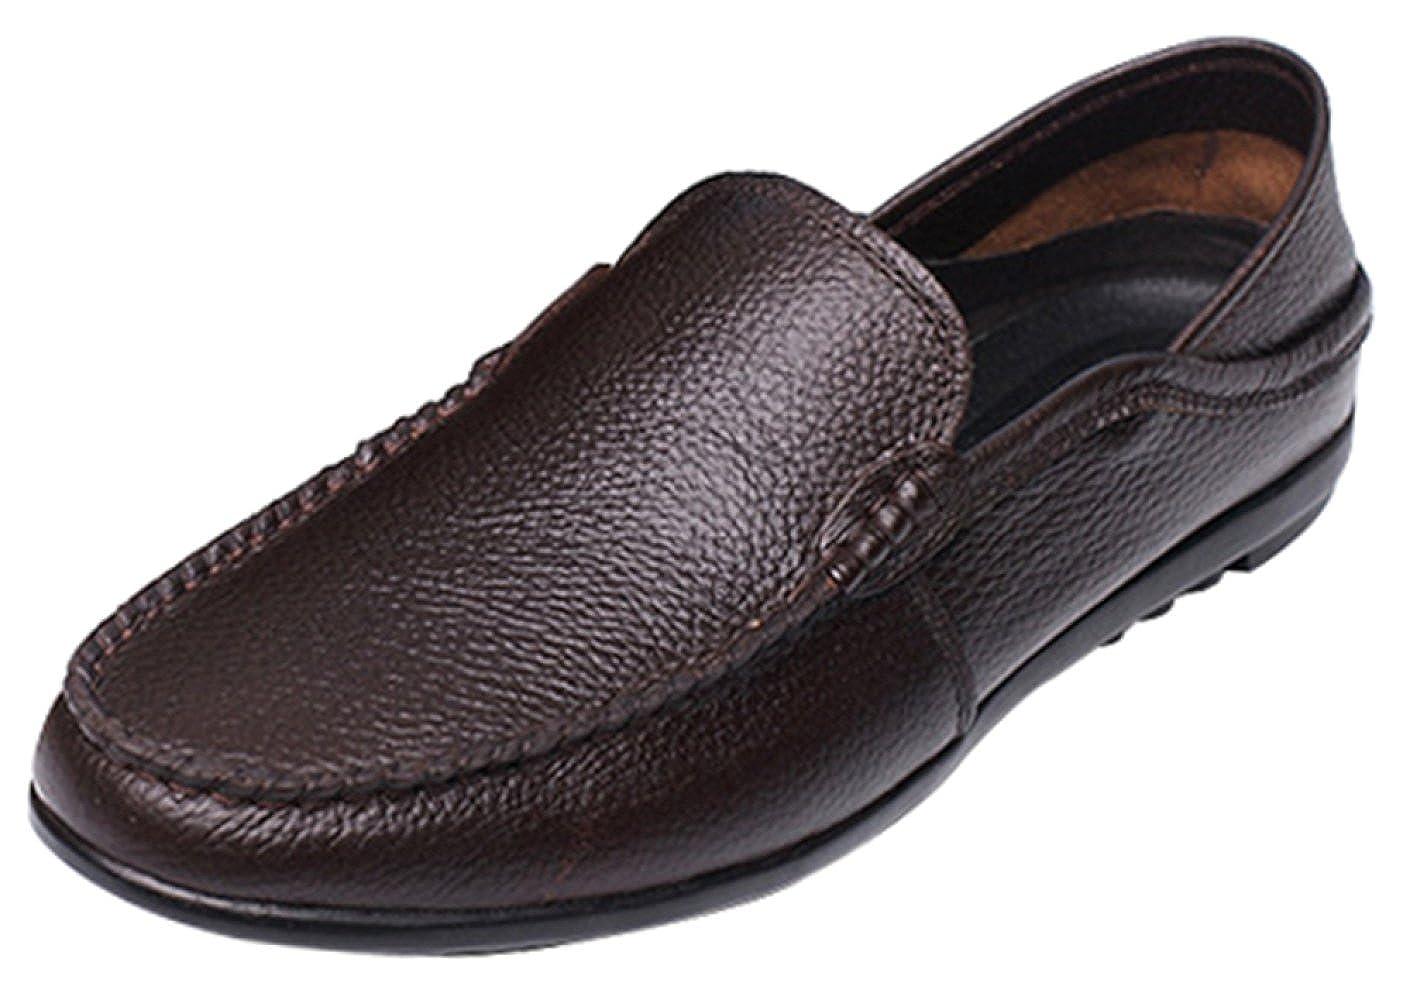 Stiefelschuhe Der Männer Beiläufige Schuhe Lok Fu-Schuhe, Die Weichen Boden Der Schuhe Fahren